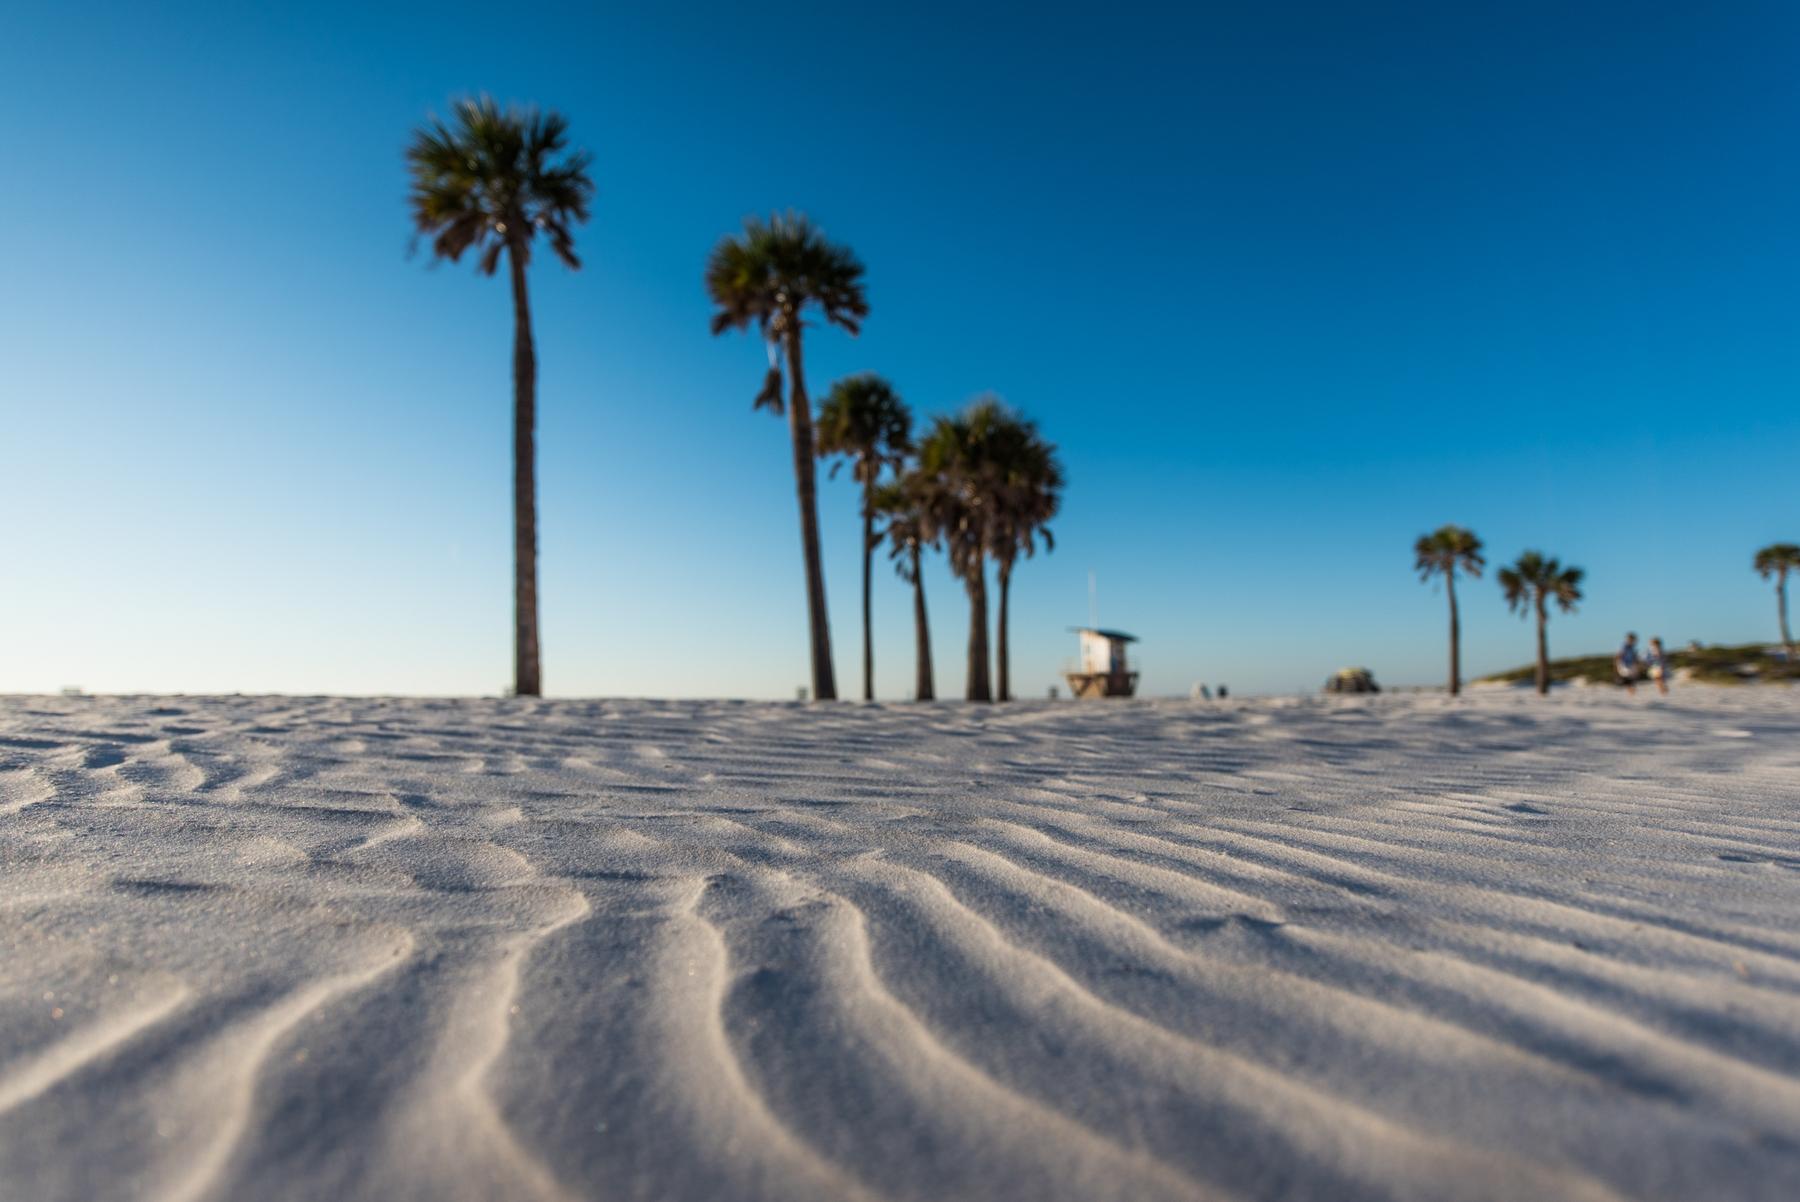 Ripples of sand on a beach